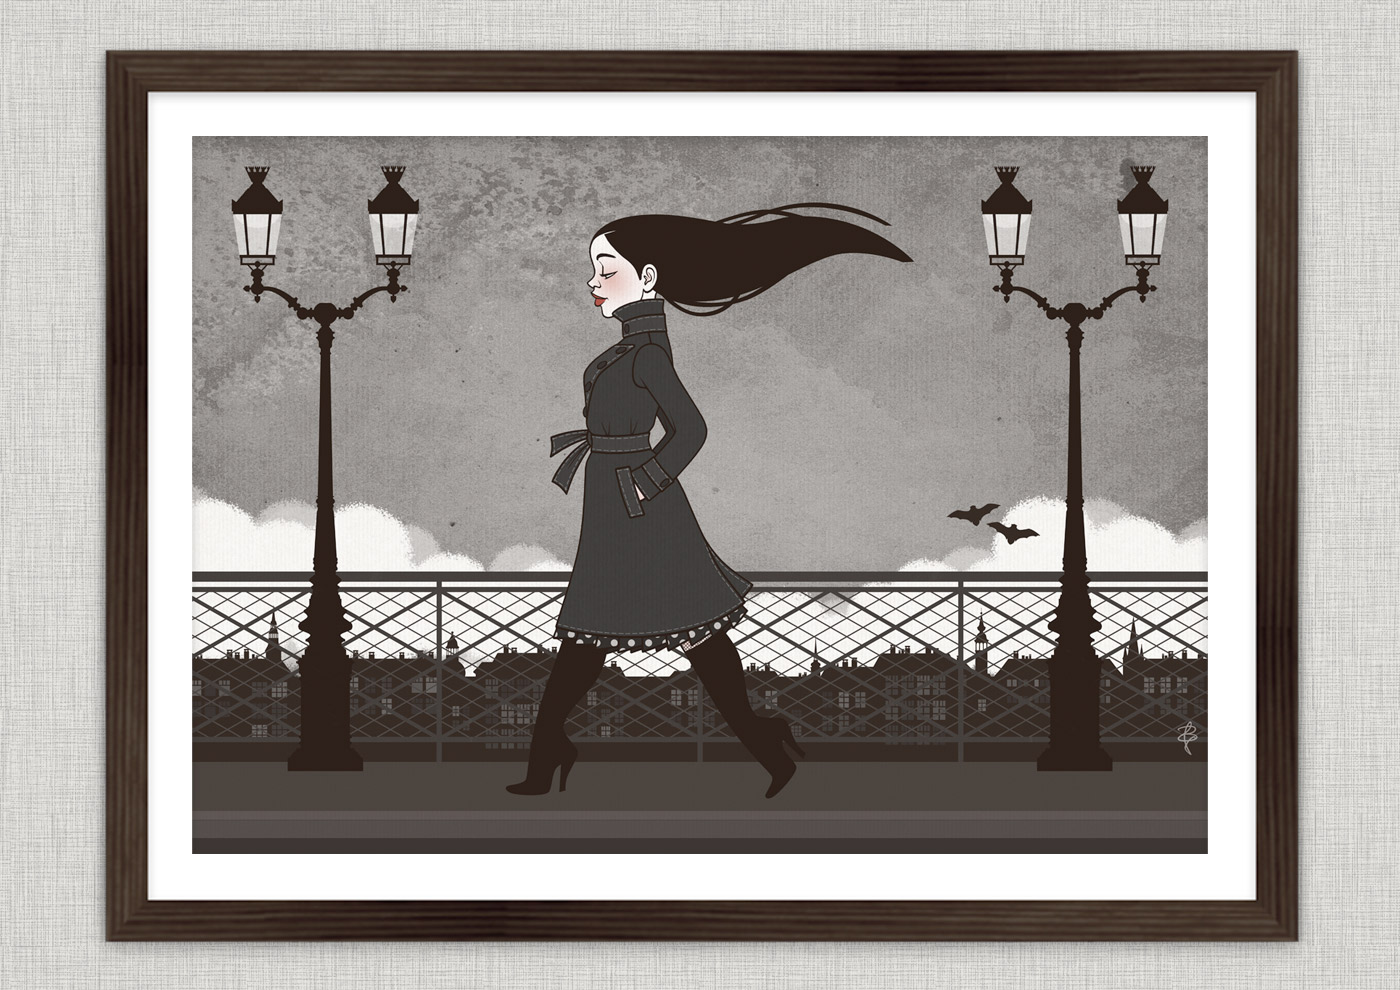 Vampirmädchen Carmilla beim Abendspaziergang über die Brücken von Paris, mit Fledermäusen und Regenhimmel, von Iris Luckhaus